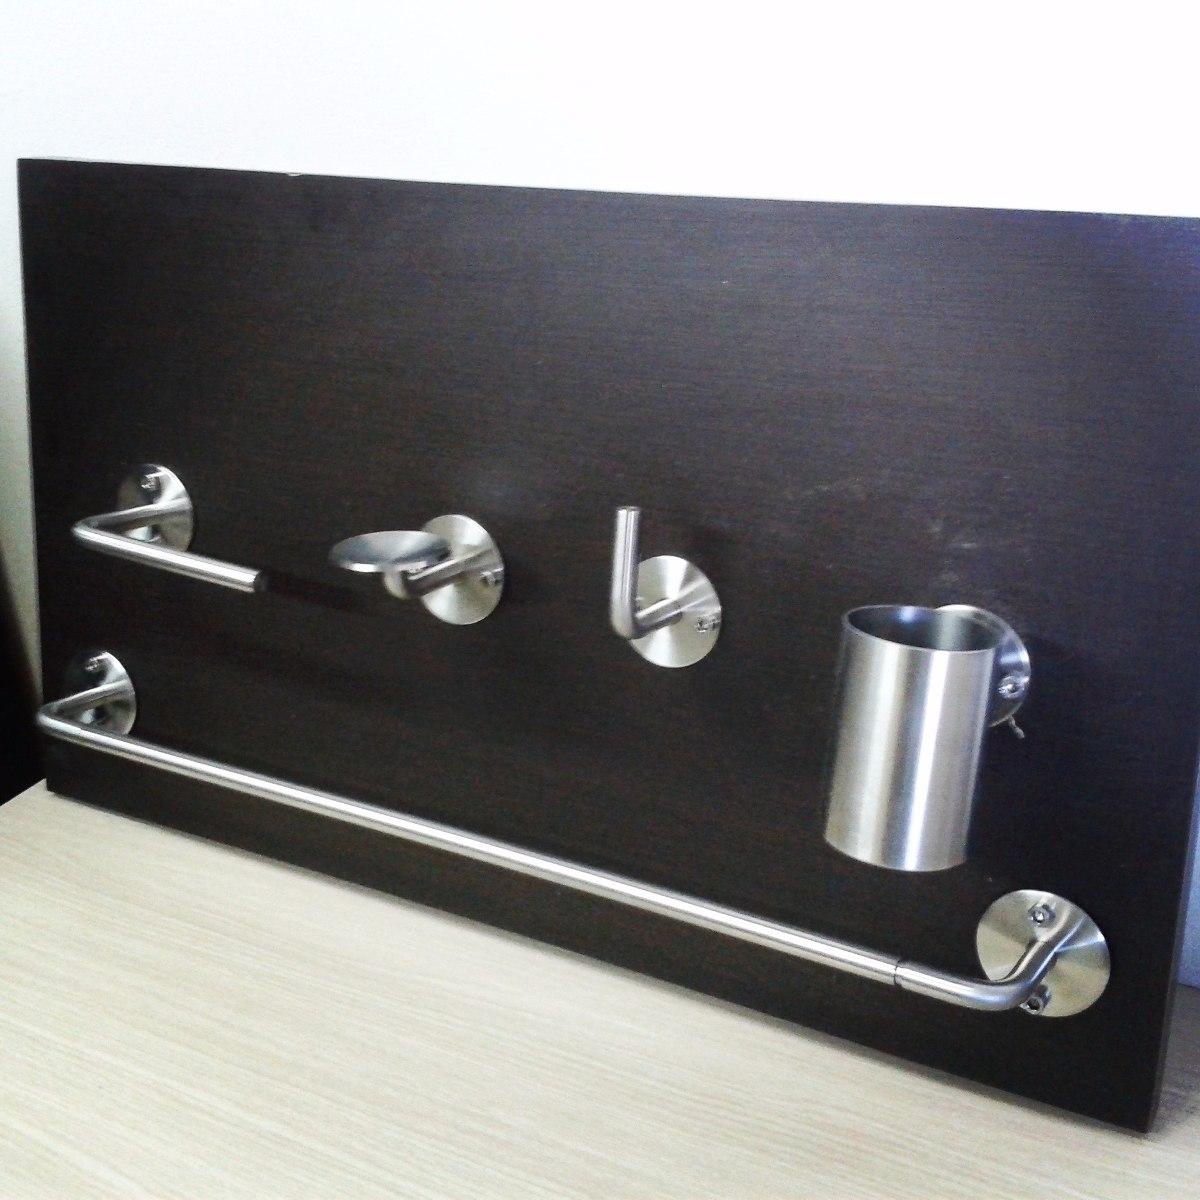 Accesorios para ba o kit de 5 piezas de acero inoxidable for Kit accesorios para bano